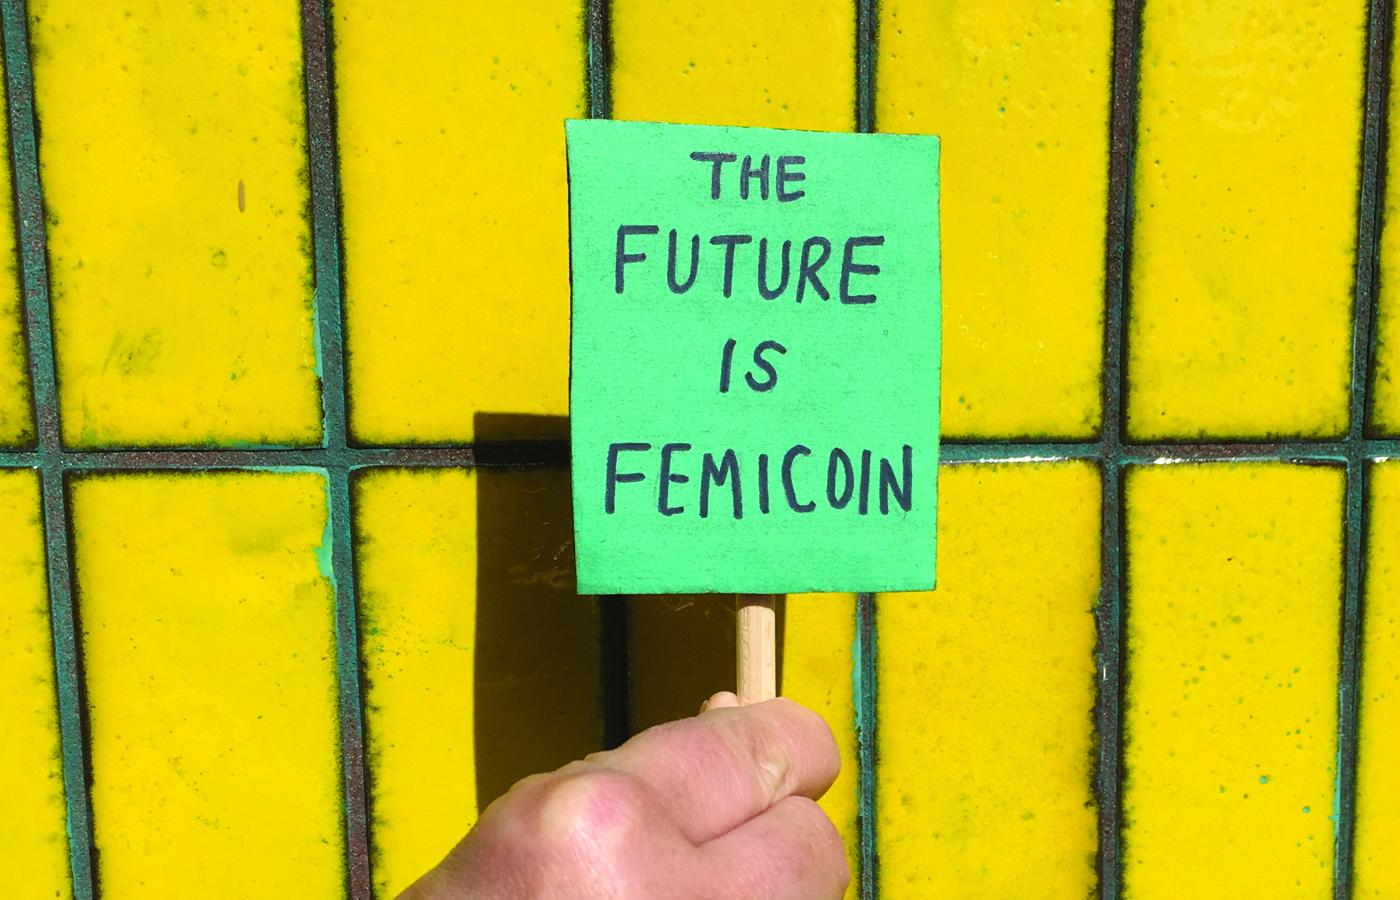 femicoin4.jpg